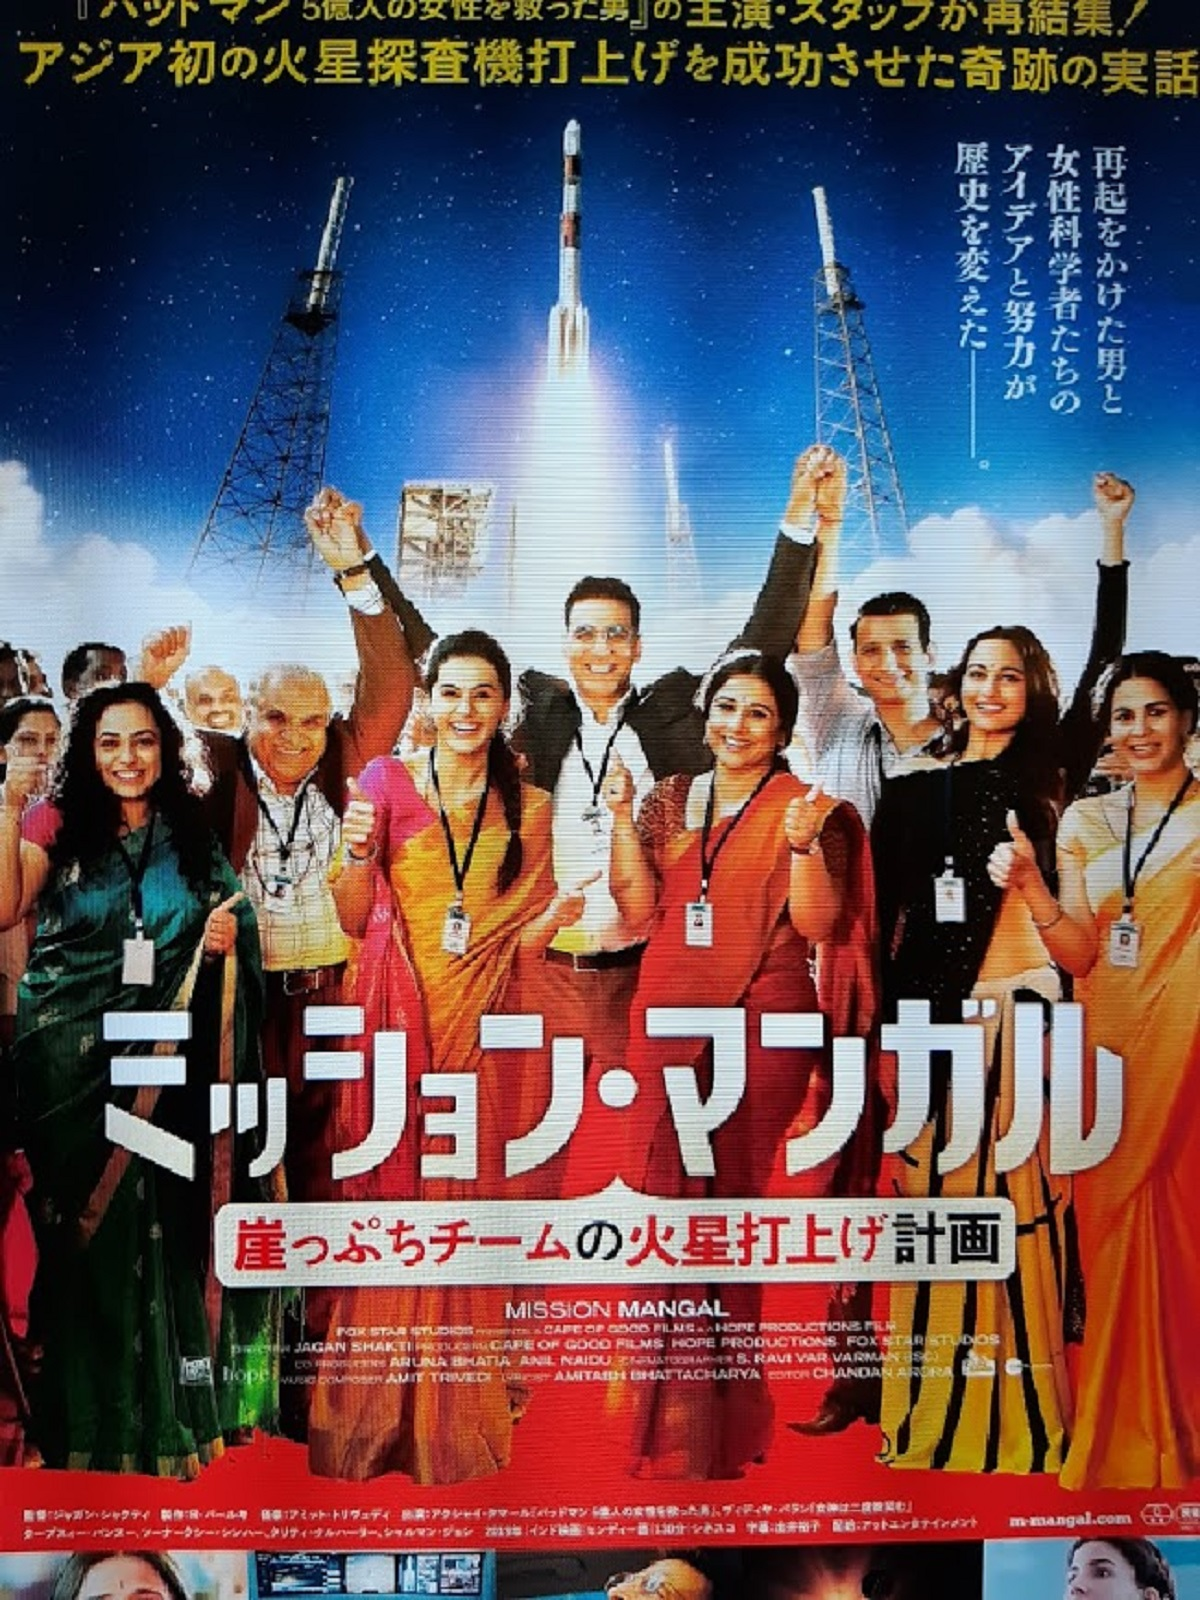 映画『ミッション・マンガル』のポスター